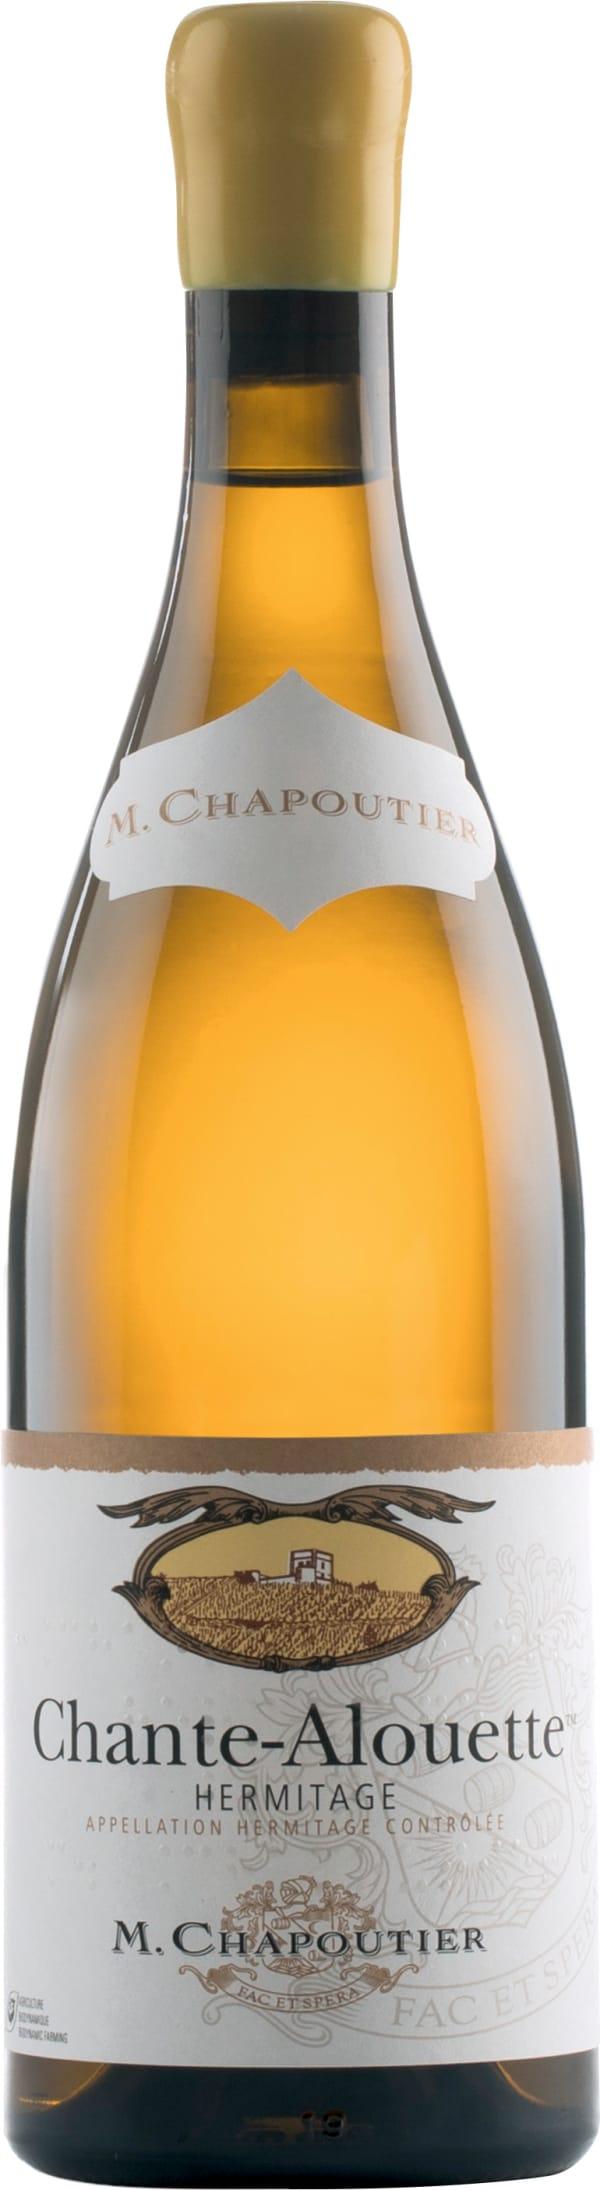 M. Chapoutier Hermitage Chante-Alouette 2017